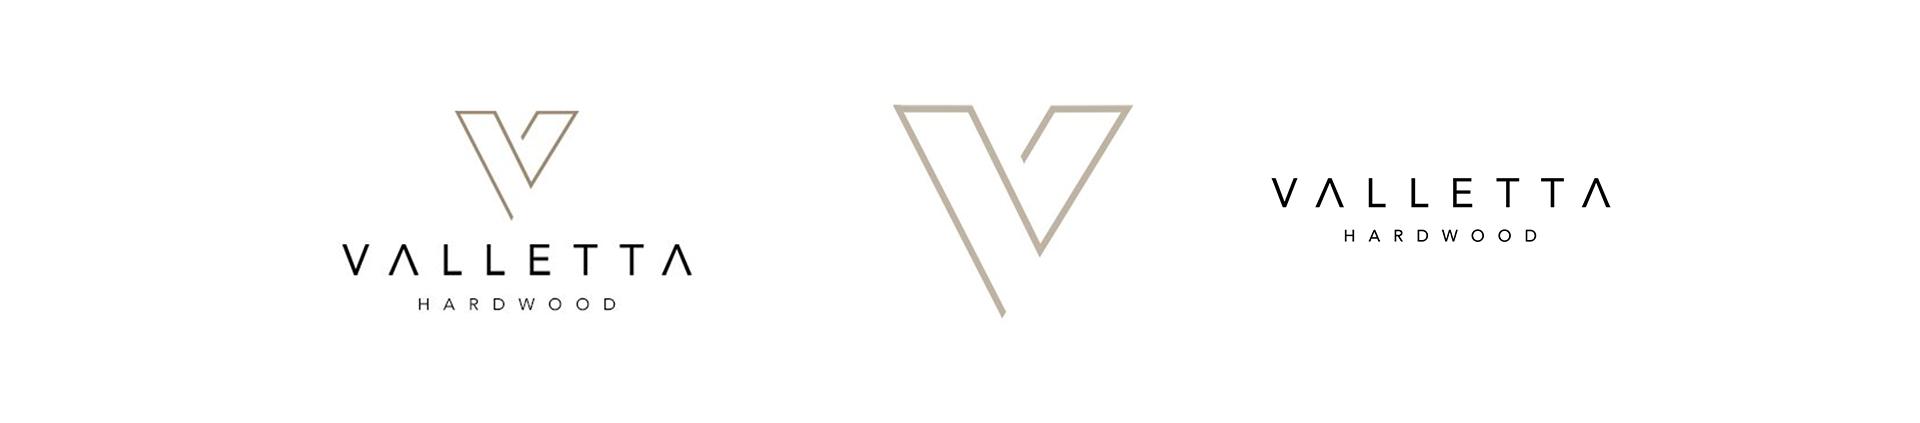 valletta variations.jpg